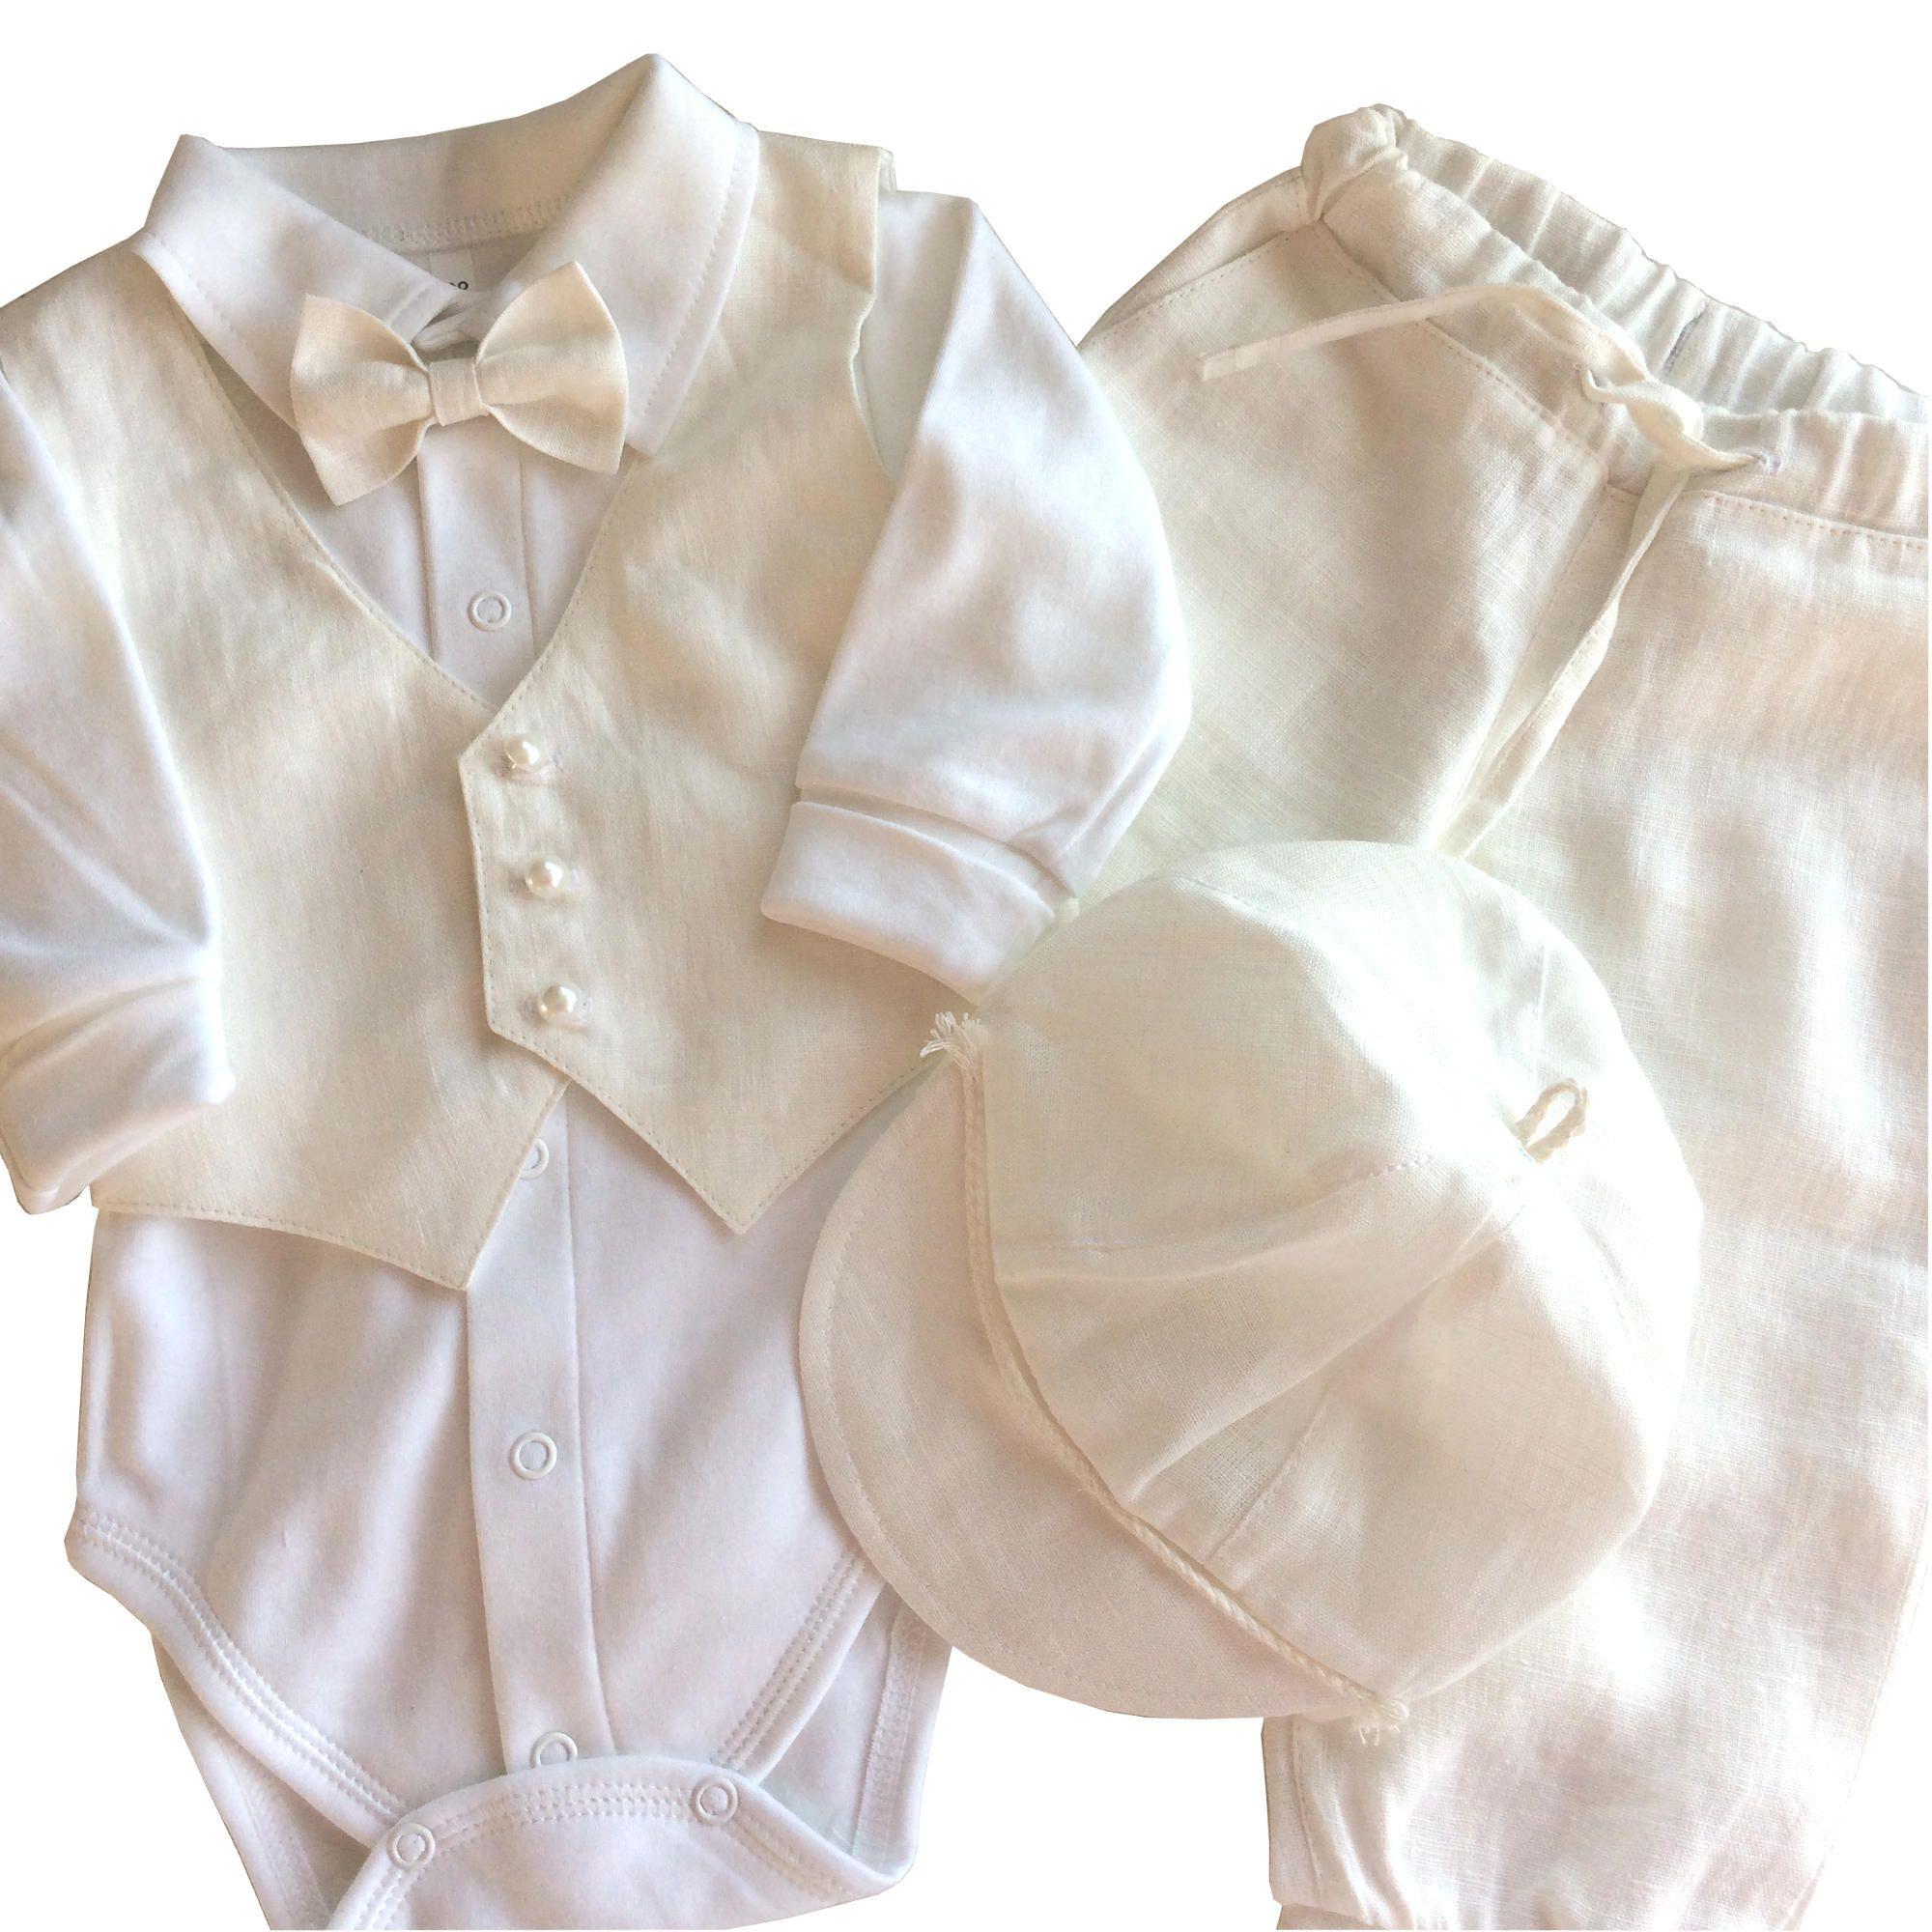 ac261686eb3 Babyboy white linen baptism set